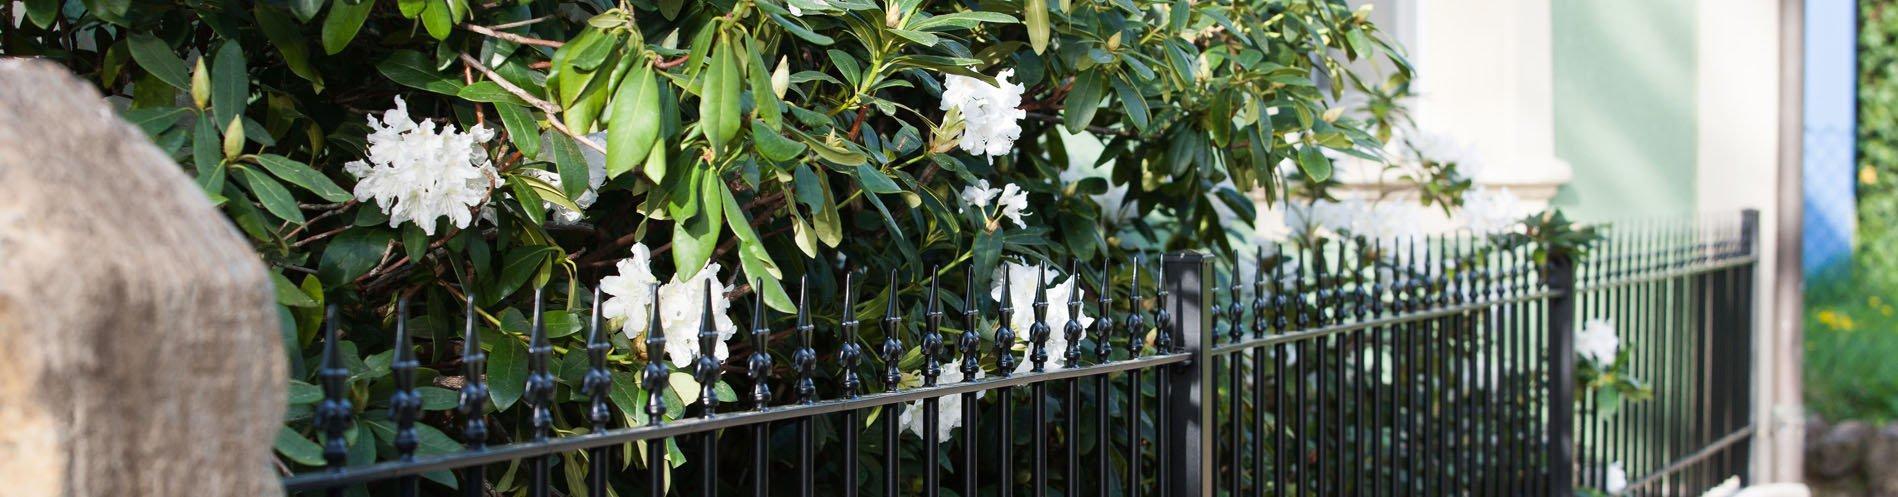 Gartenzäune aus Stahl